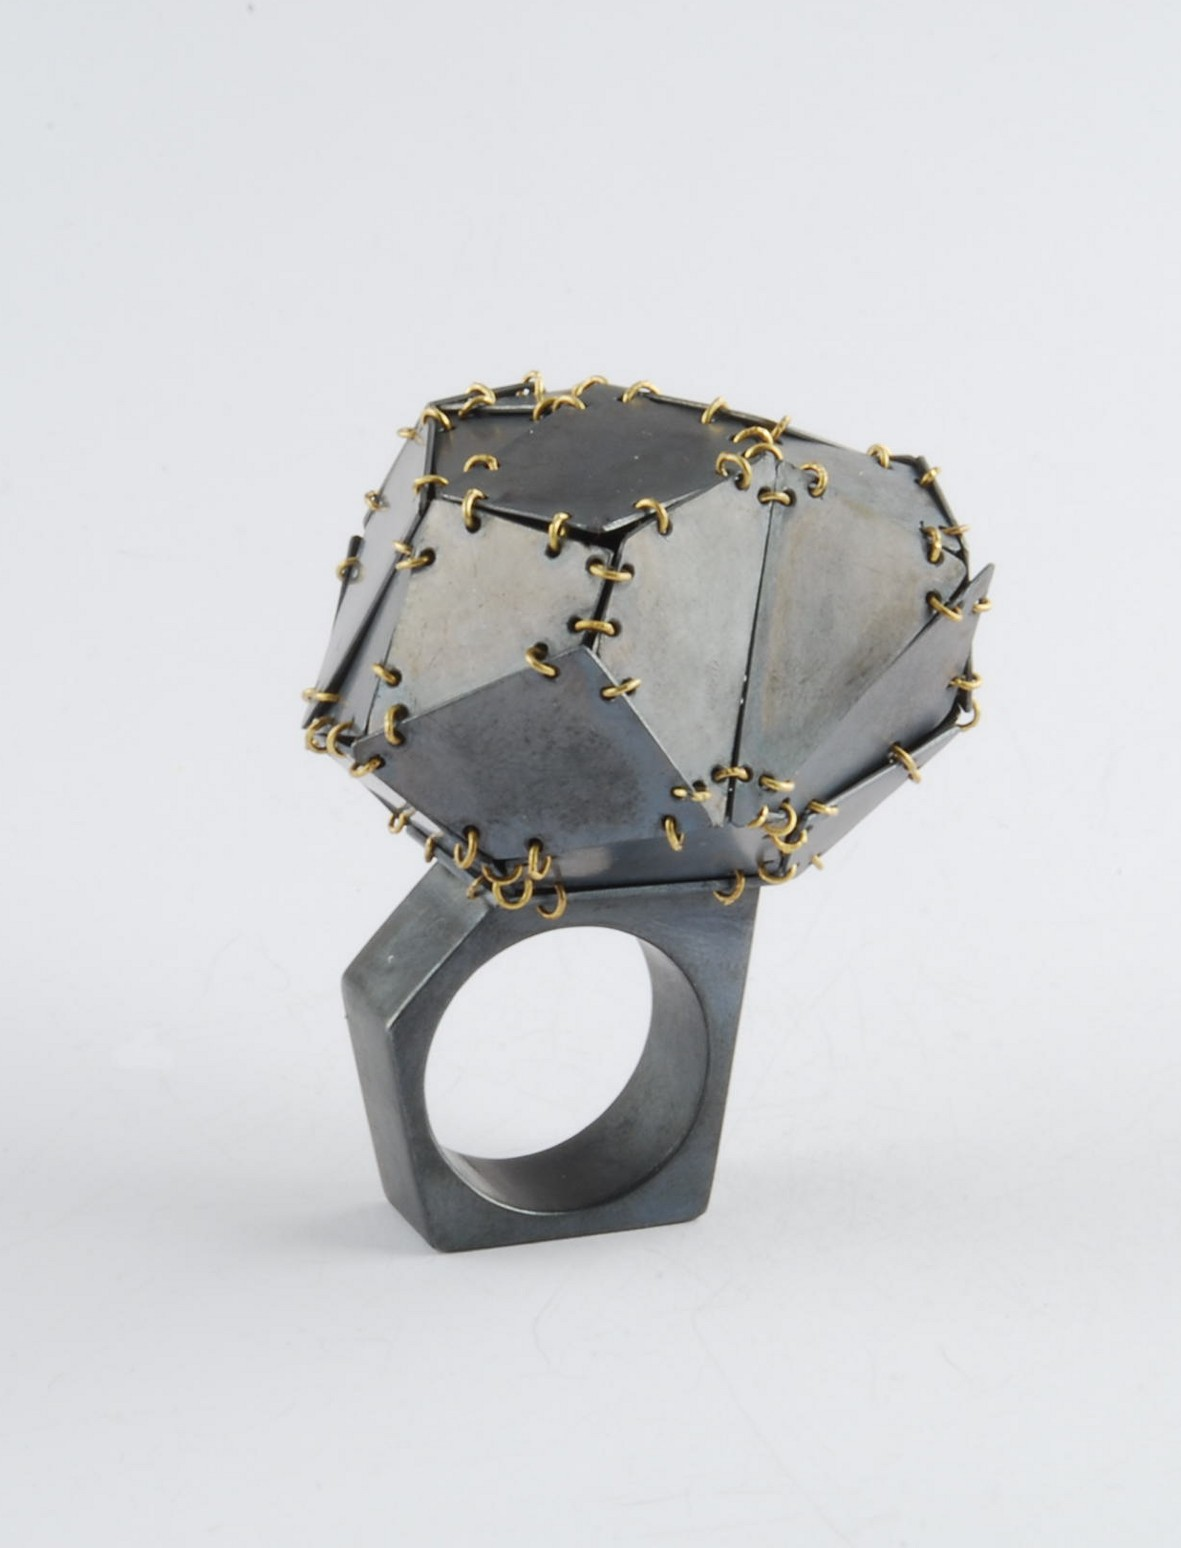 GIOIELLI - Premio Fondazione Cominelli per il gioiello contemporaneo - ELISABETTA DUPRE' anello, argento, oro